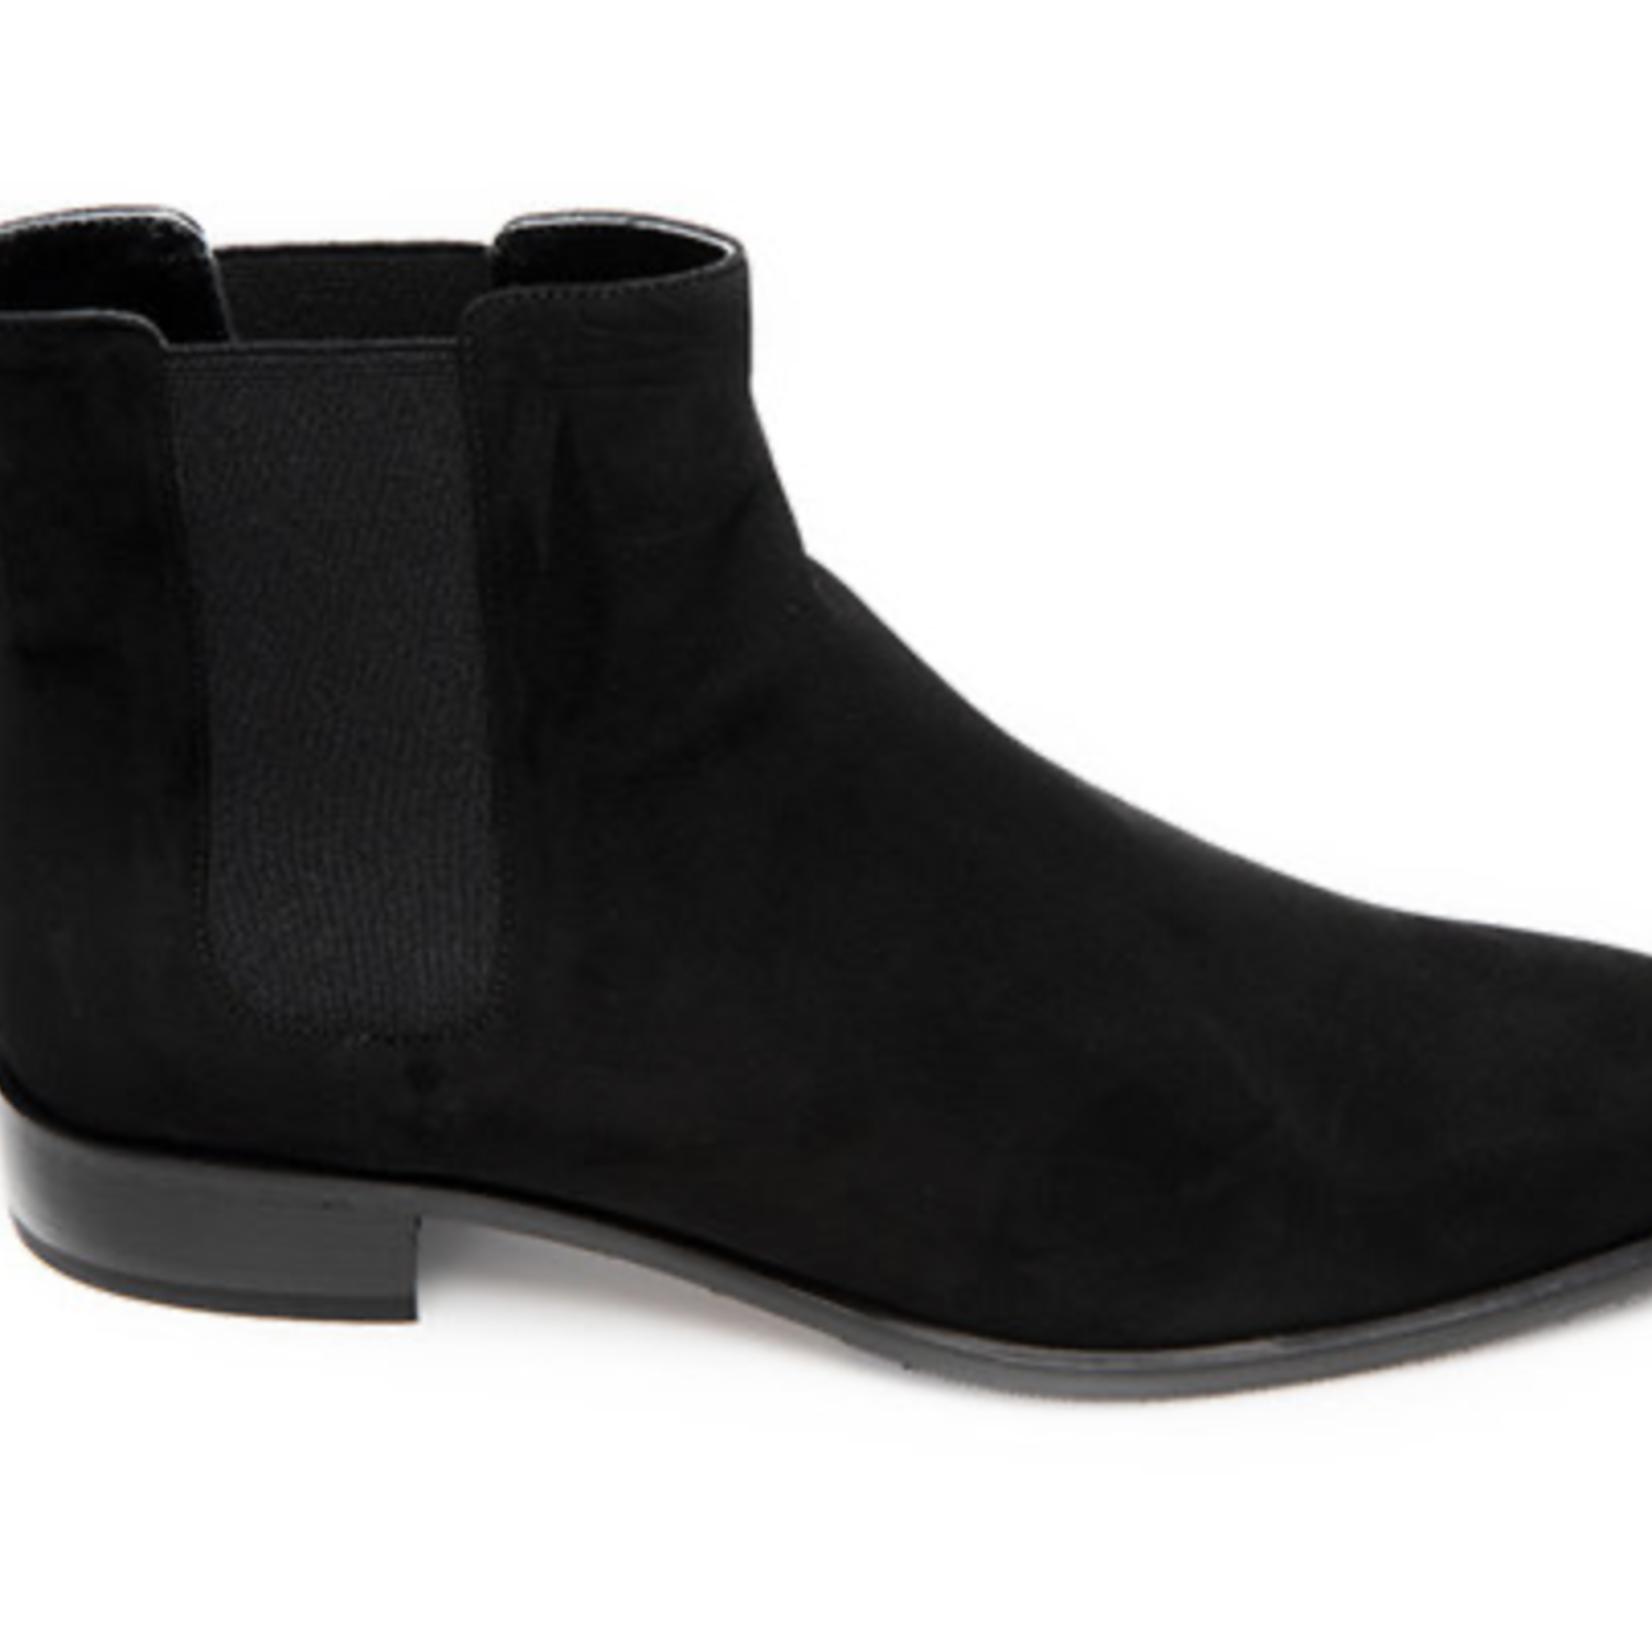 Panara Chelsea boot